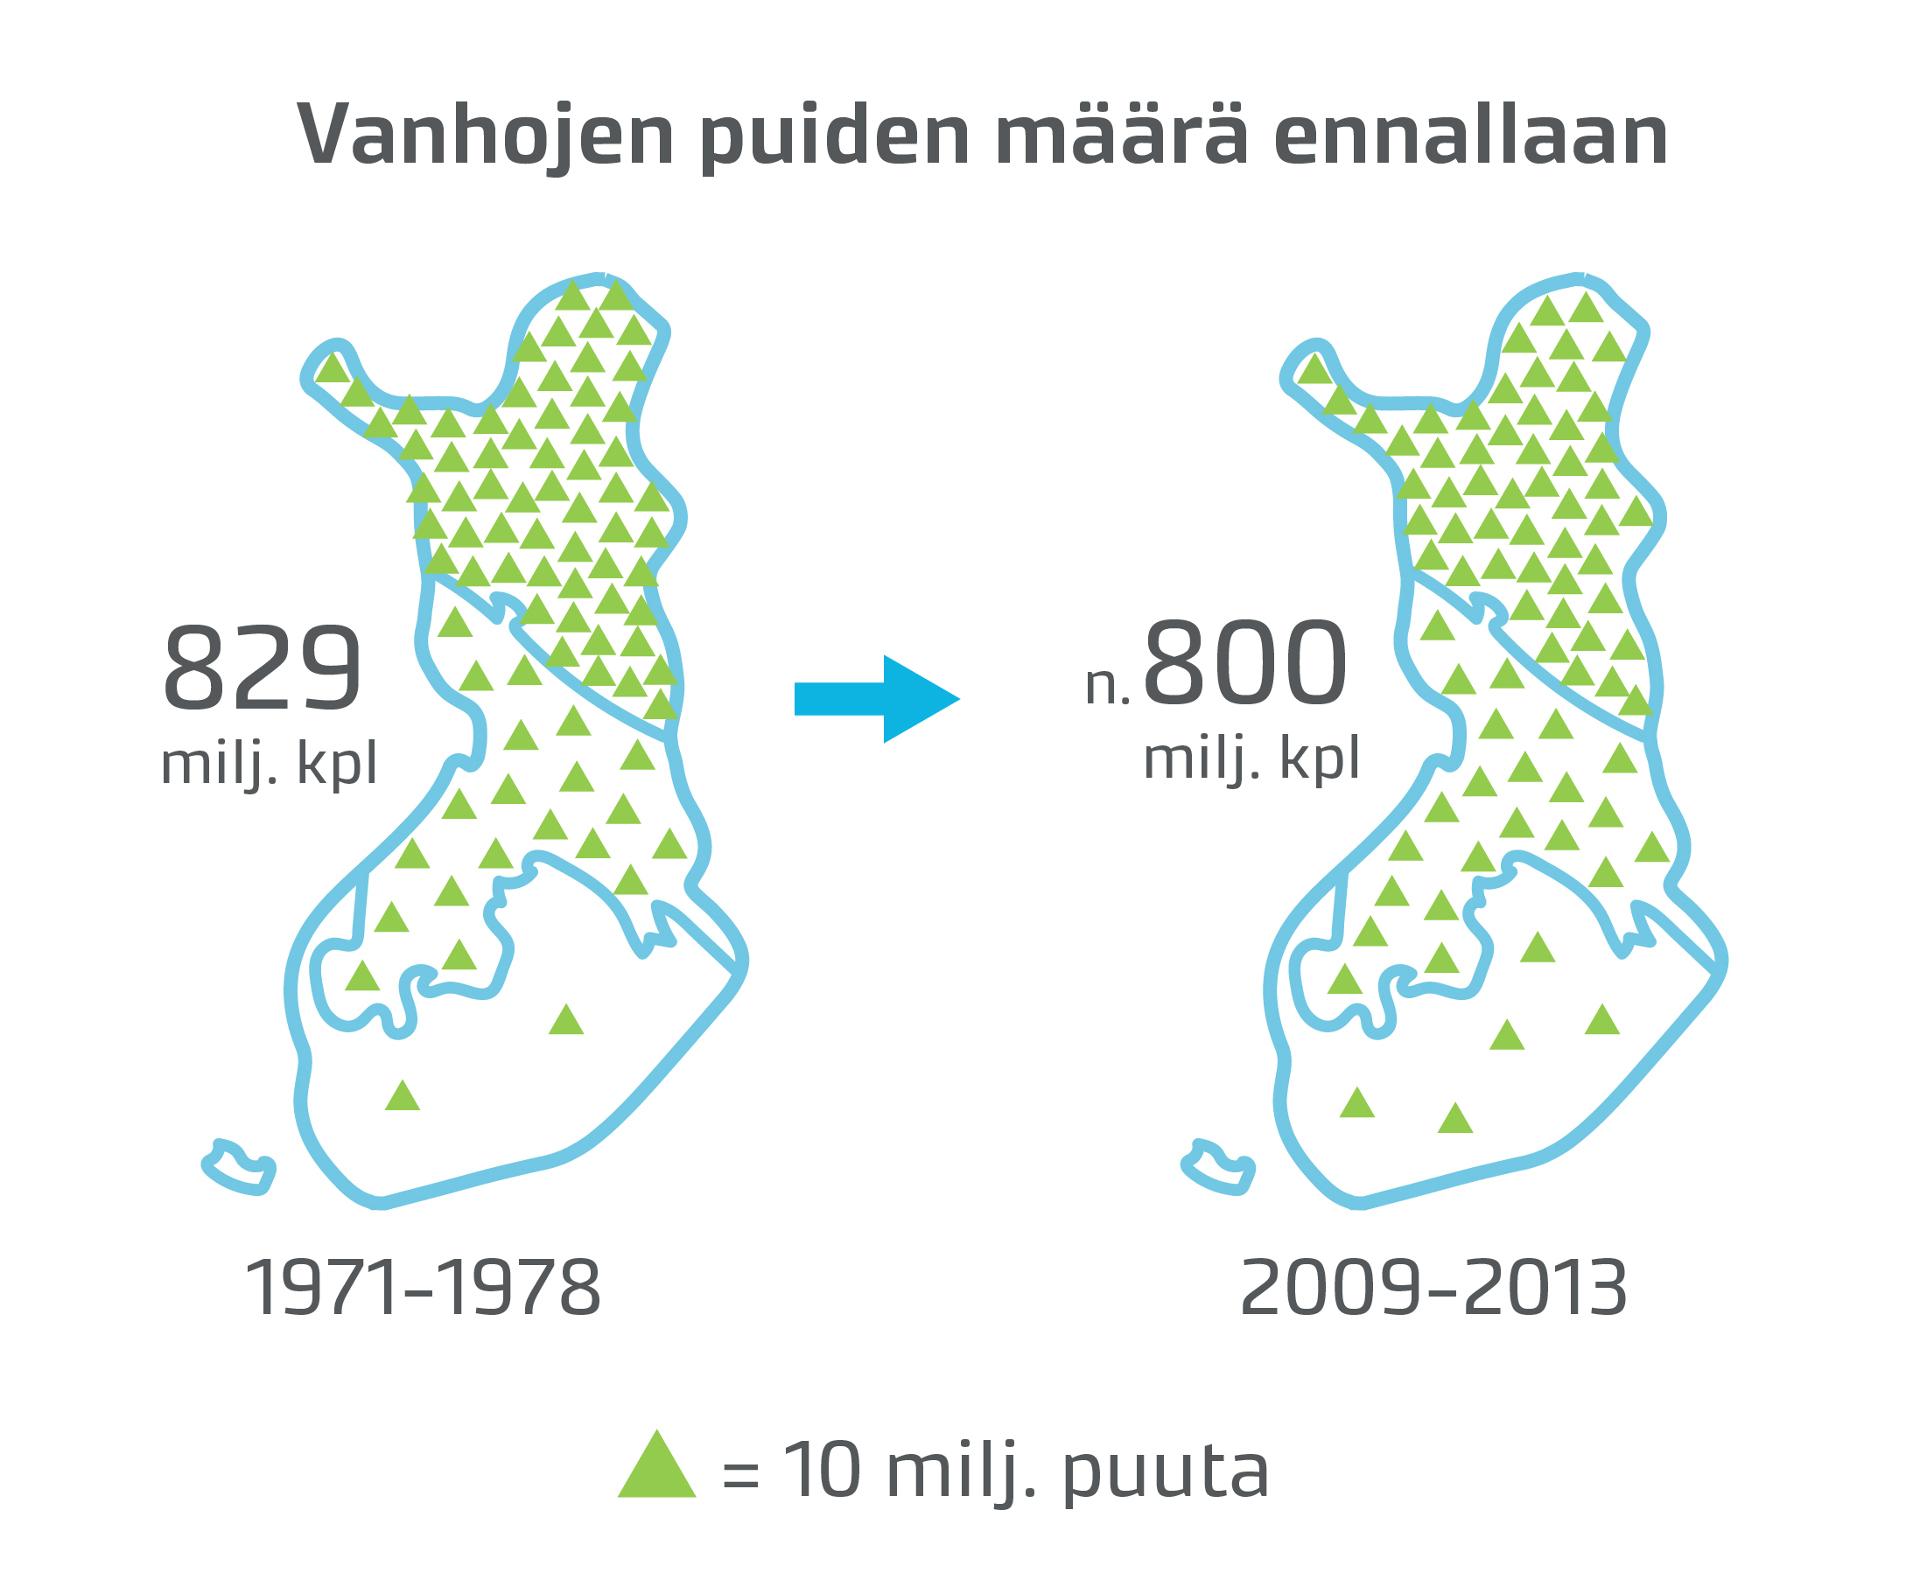 Ylivoimaisesti suurin osa vanhoista puista on pohjoisimmassa Suomessa. Enin osa niistä on läpimitaltaan melko pieniä.